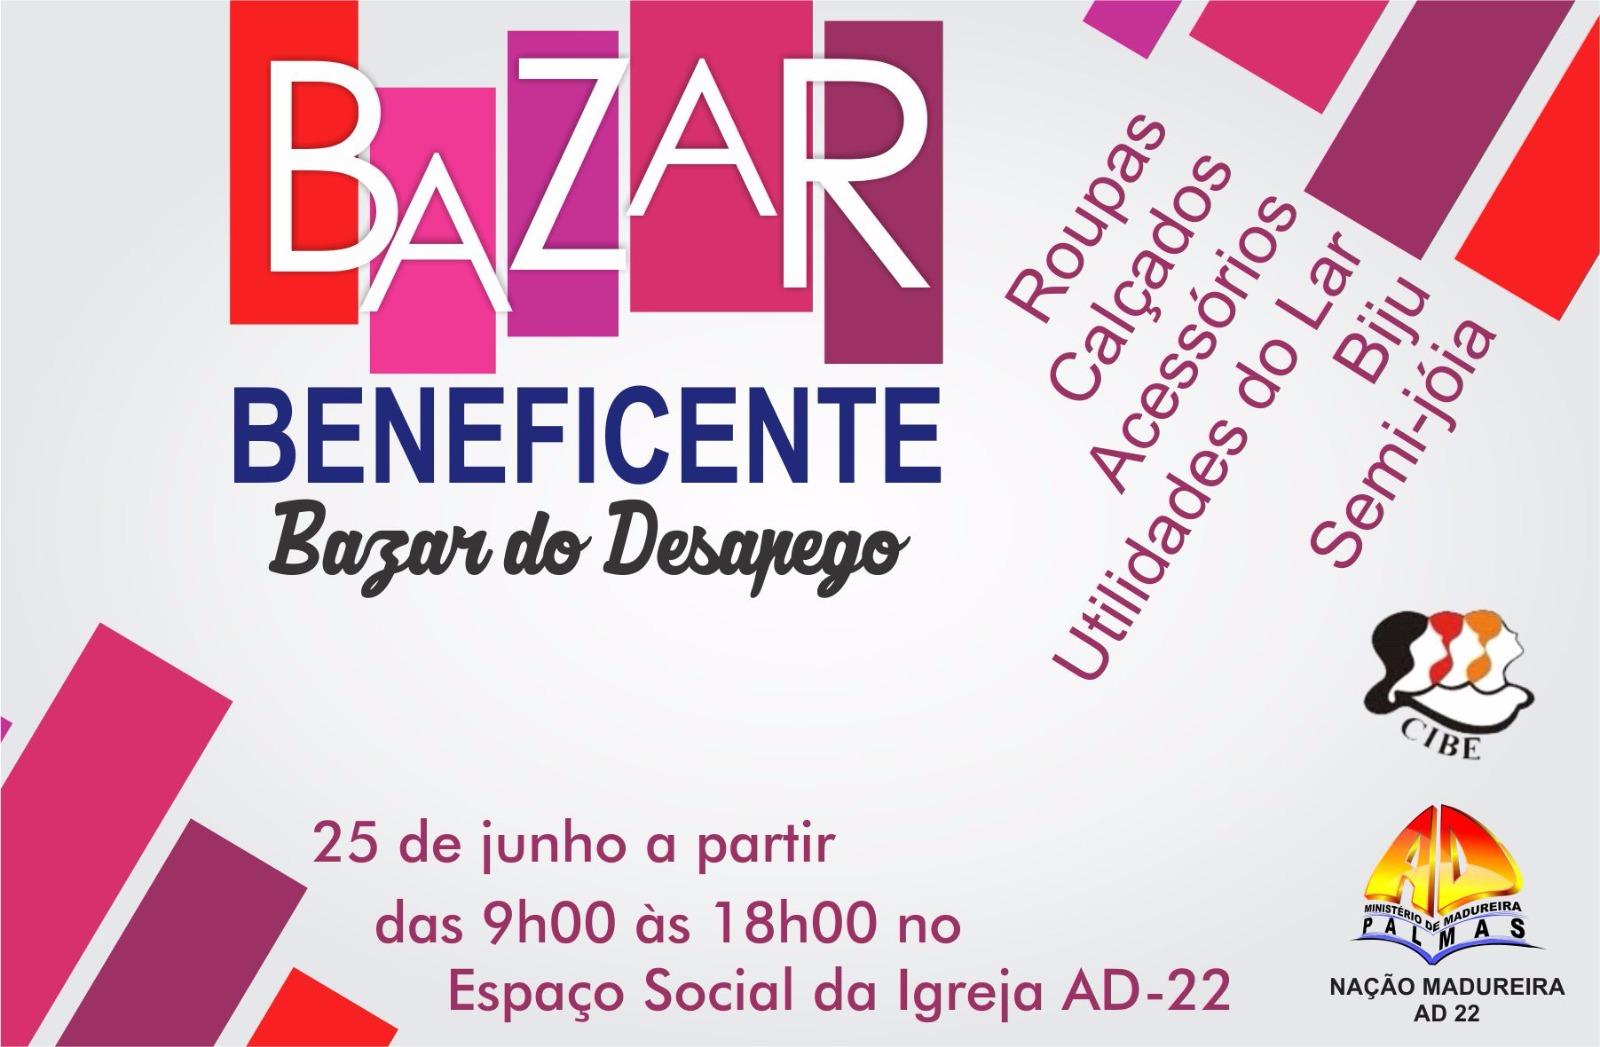 Bazar beneficente das 9 às 19h deste sábado, dia 25